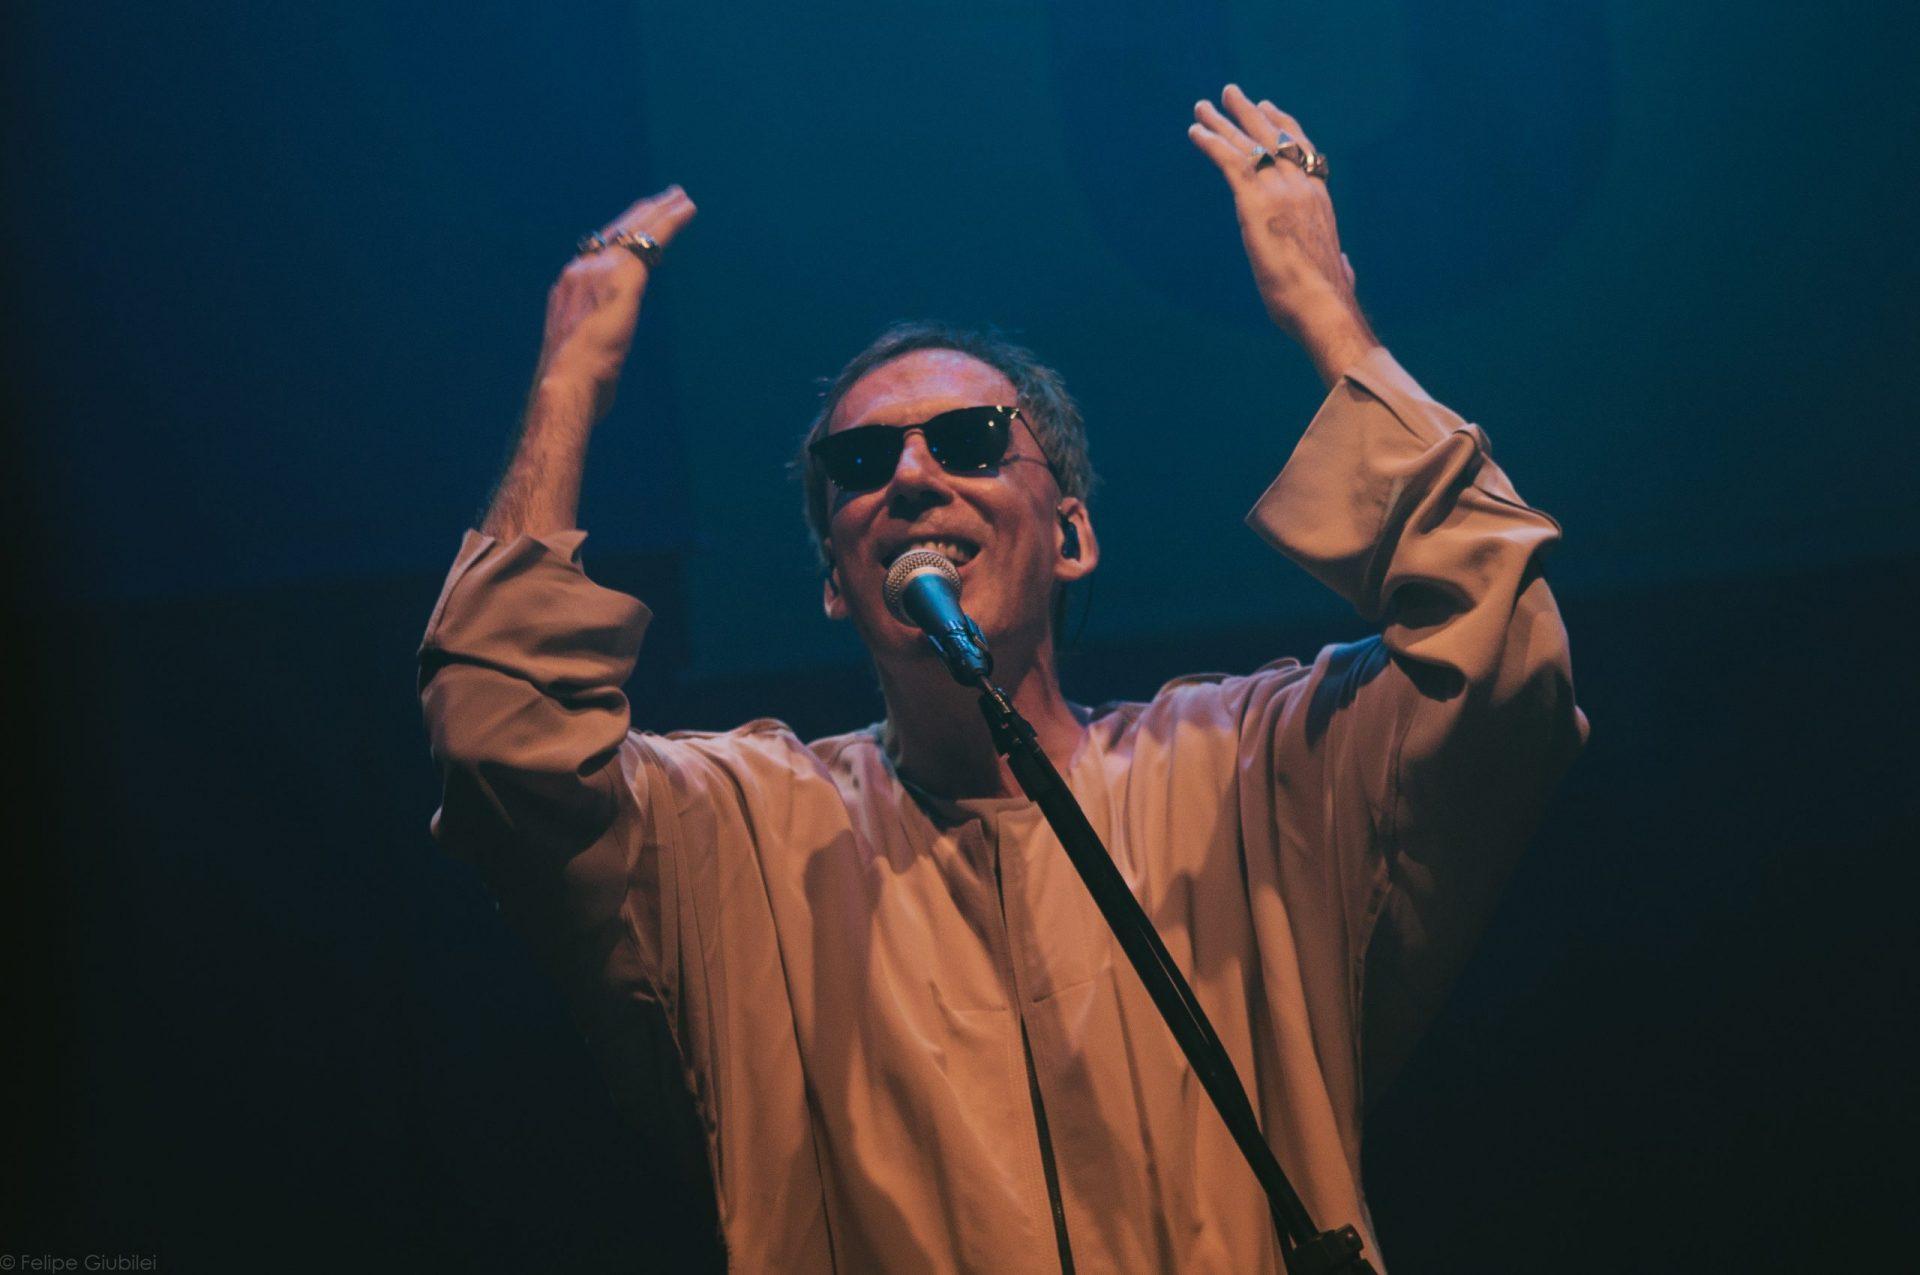 Imagem 3 do Evento Arnaldo Antunes no show Rstuvxz trio